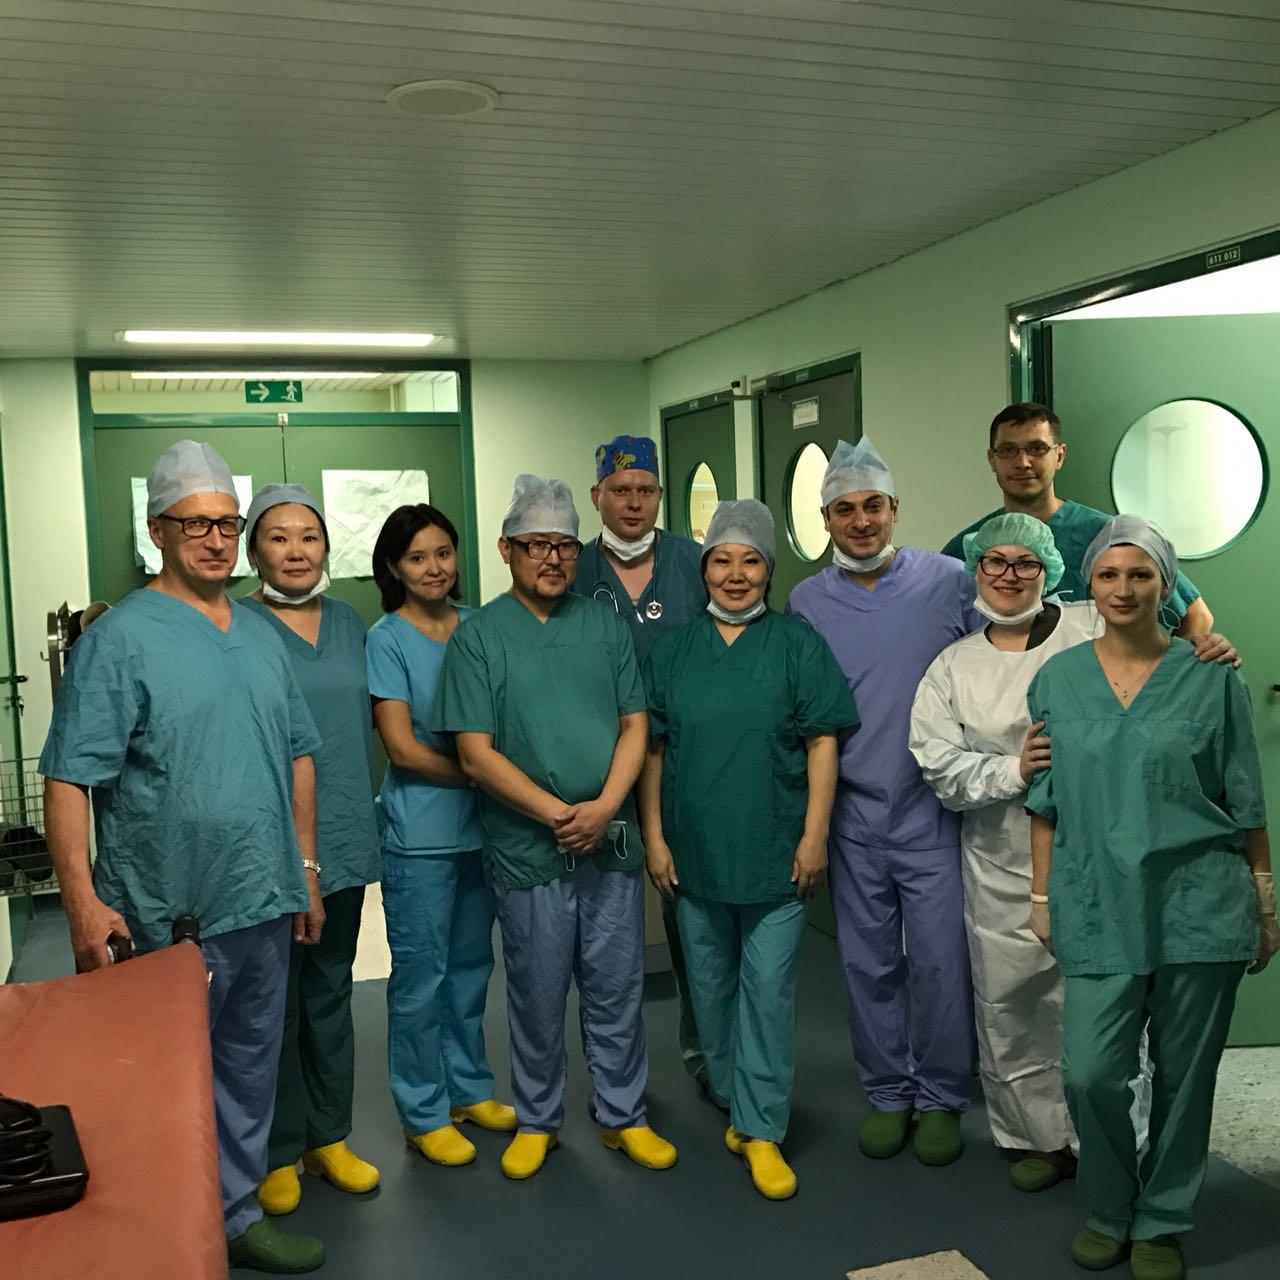 Медицина будущего: кохлеарная имплантация в Якутии